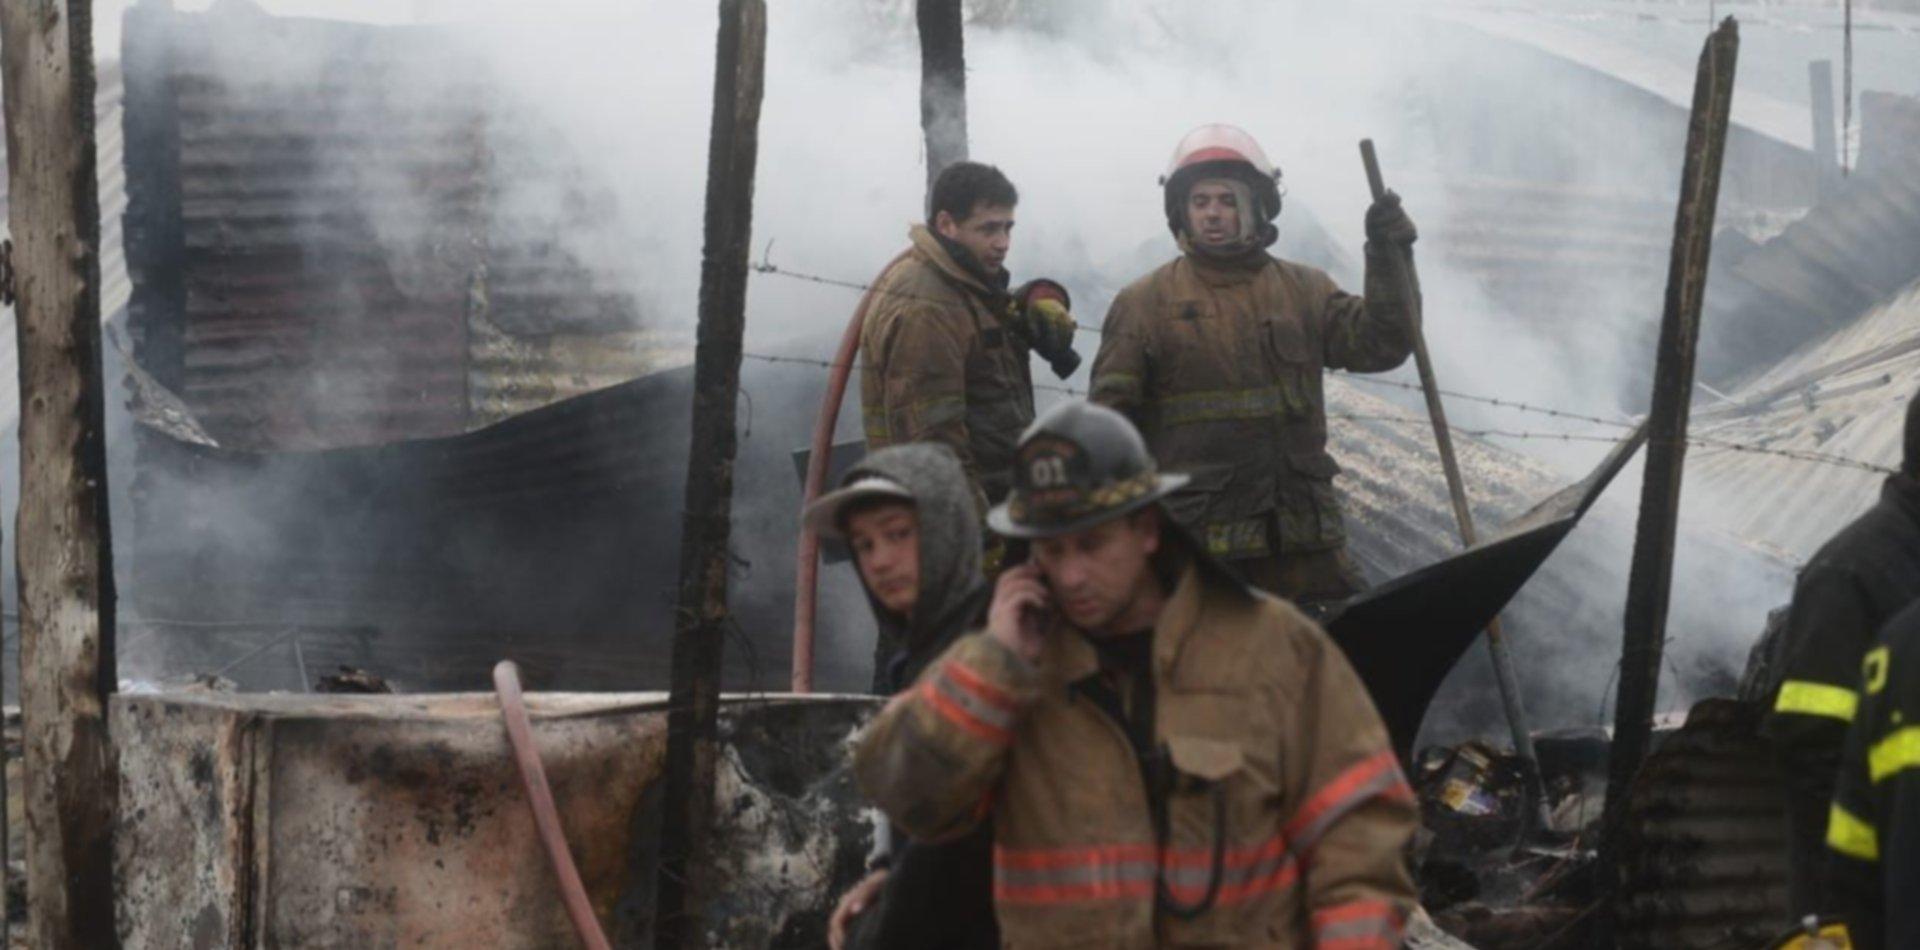 VIDEO: Se quemaron cinco casillas en Tolosa, un nene quedó atrapado en el fuego y murió